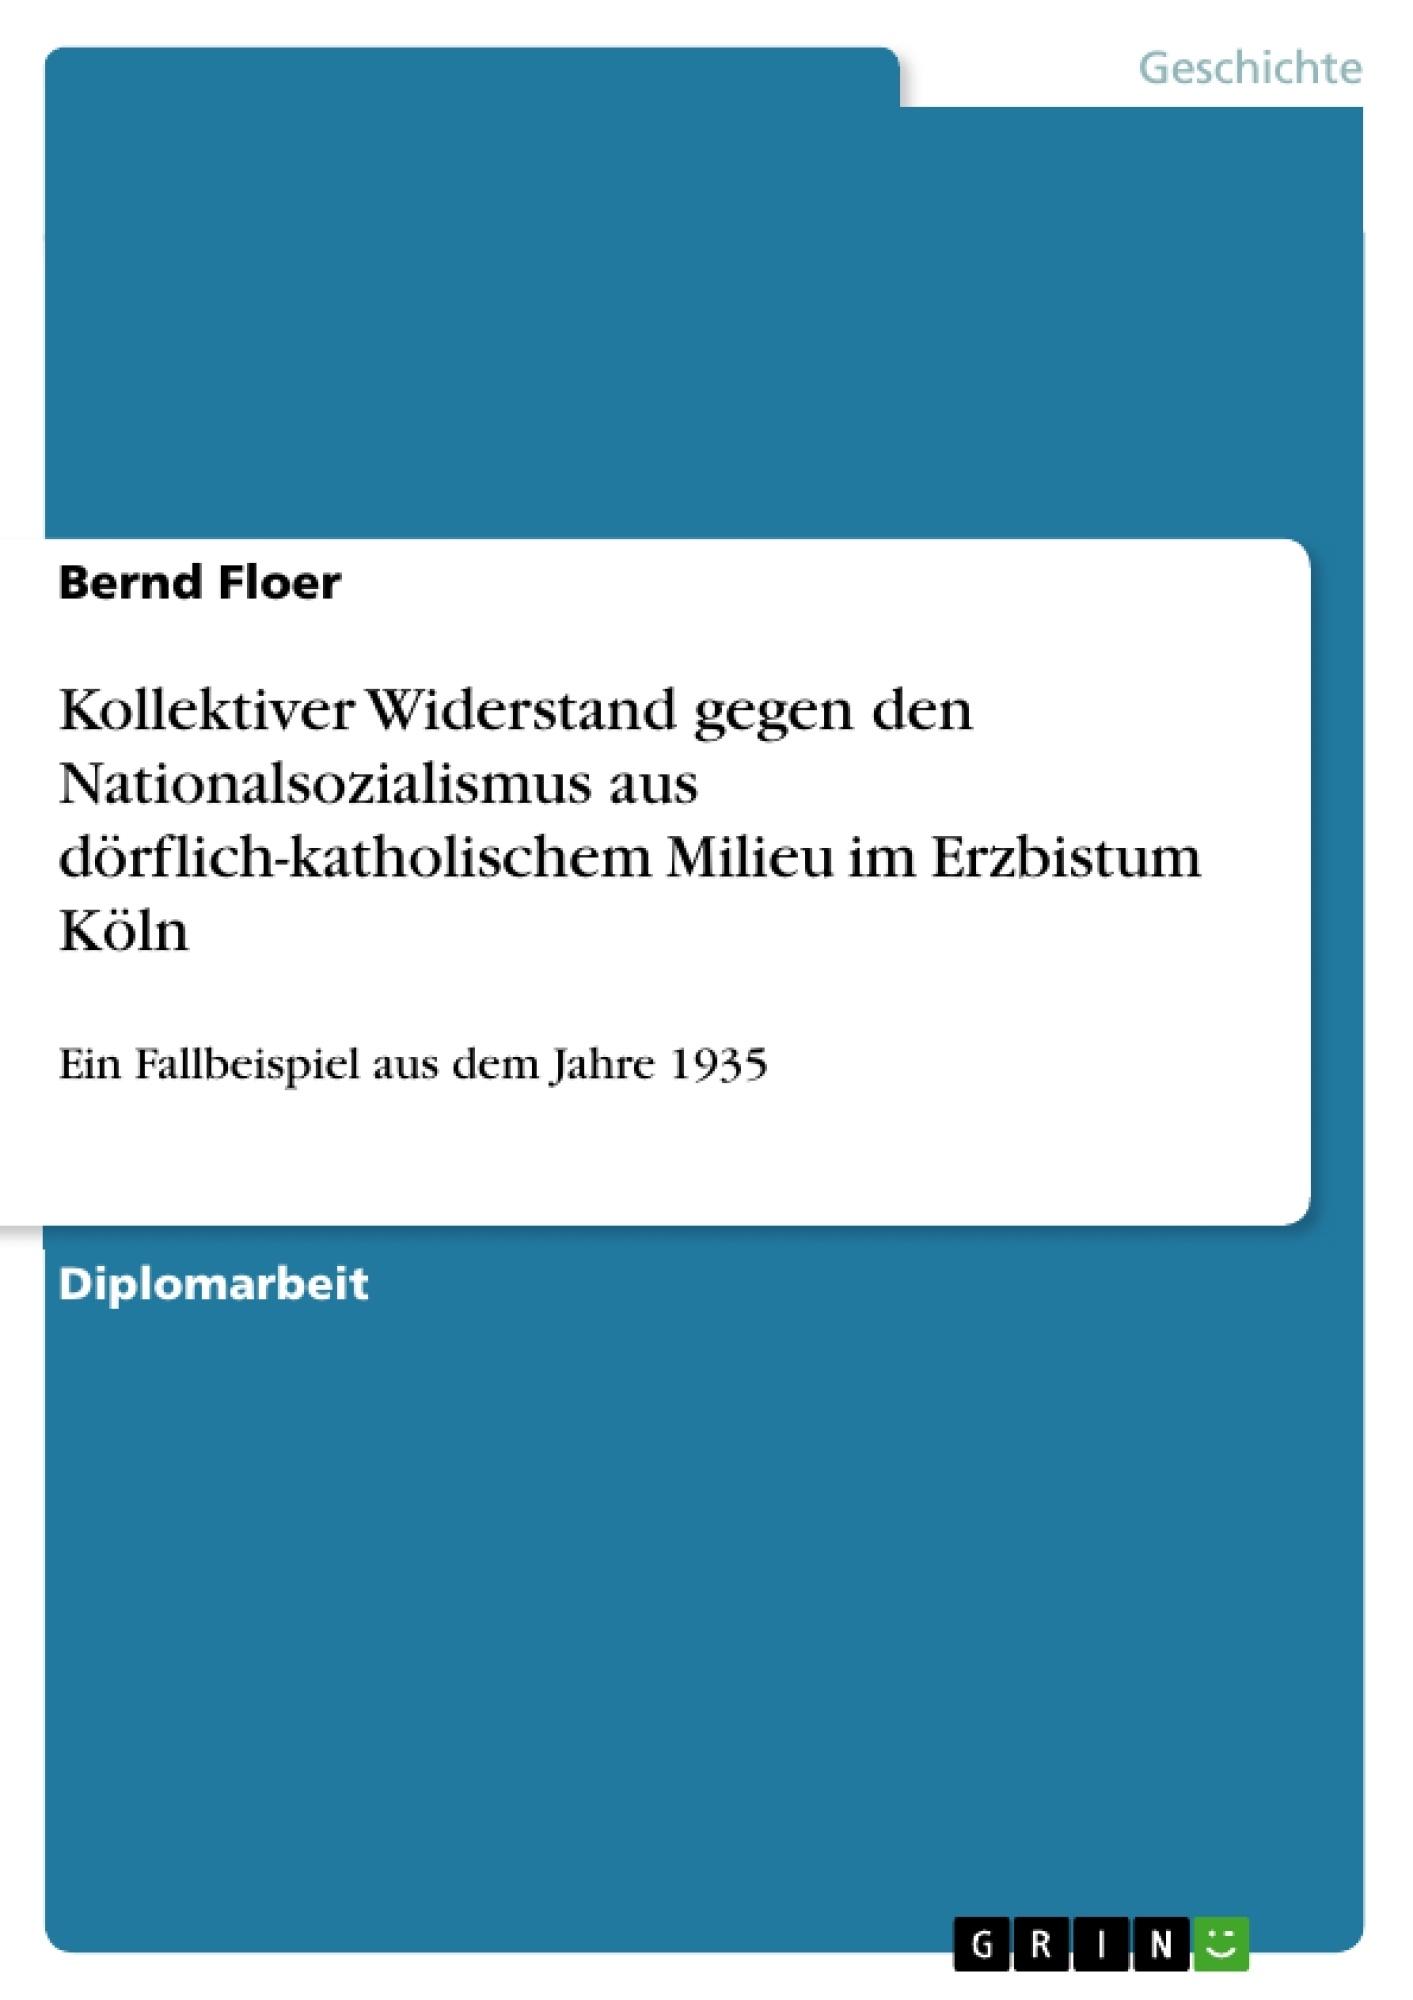 Titel: Kollektiver Widerstand gegen den Nationalsozialismus aus dörflich-katholischem Milieu im Erzbistum Köln